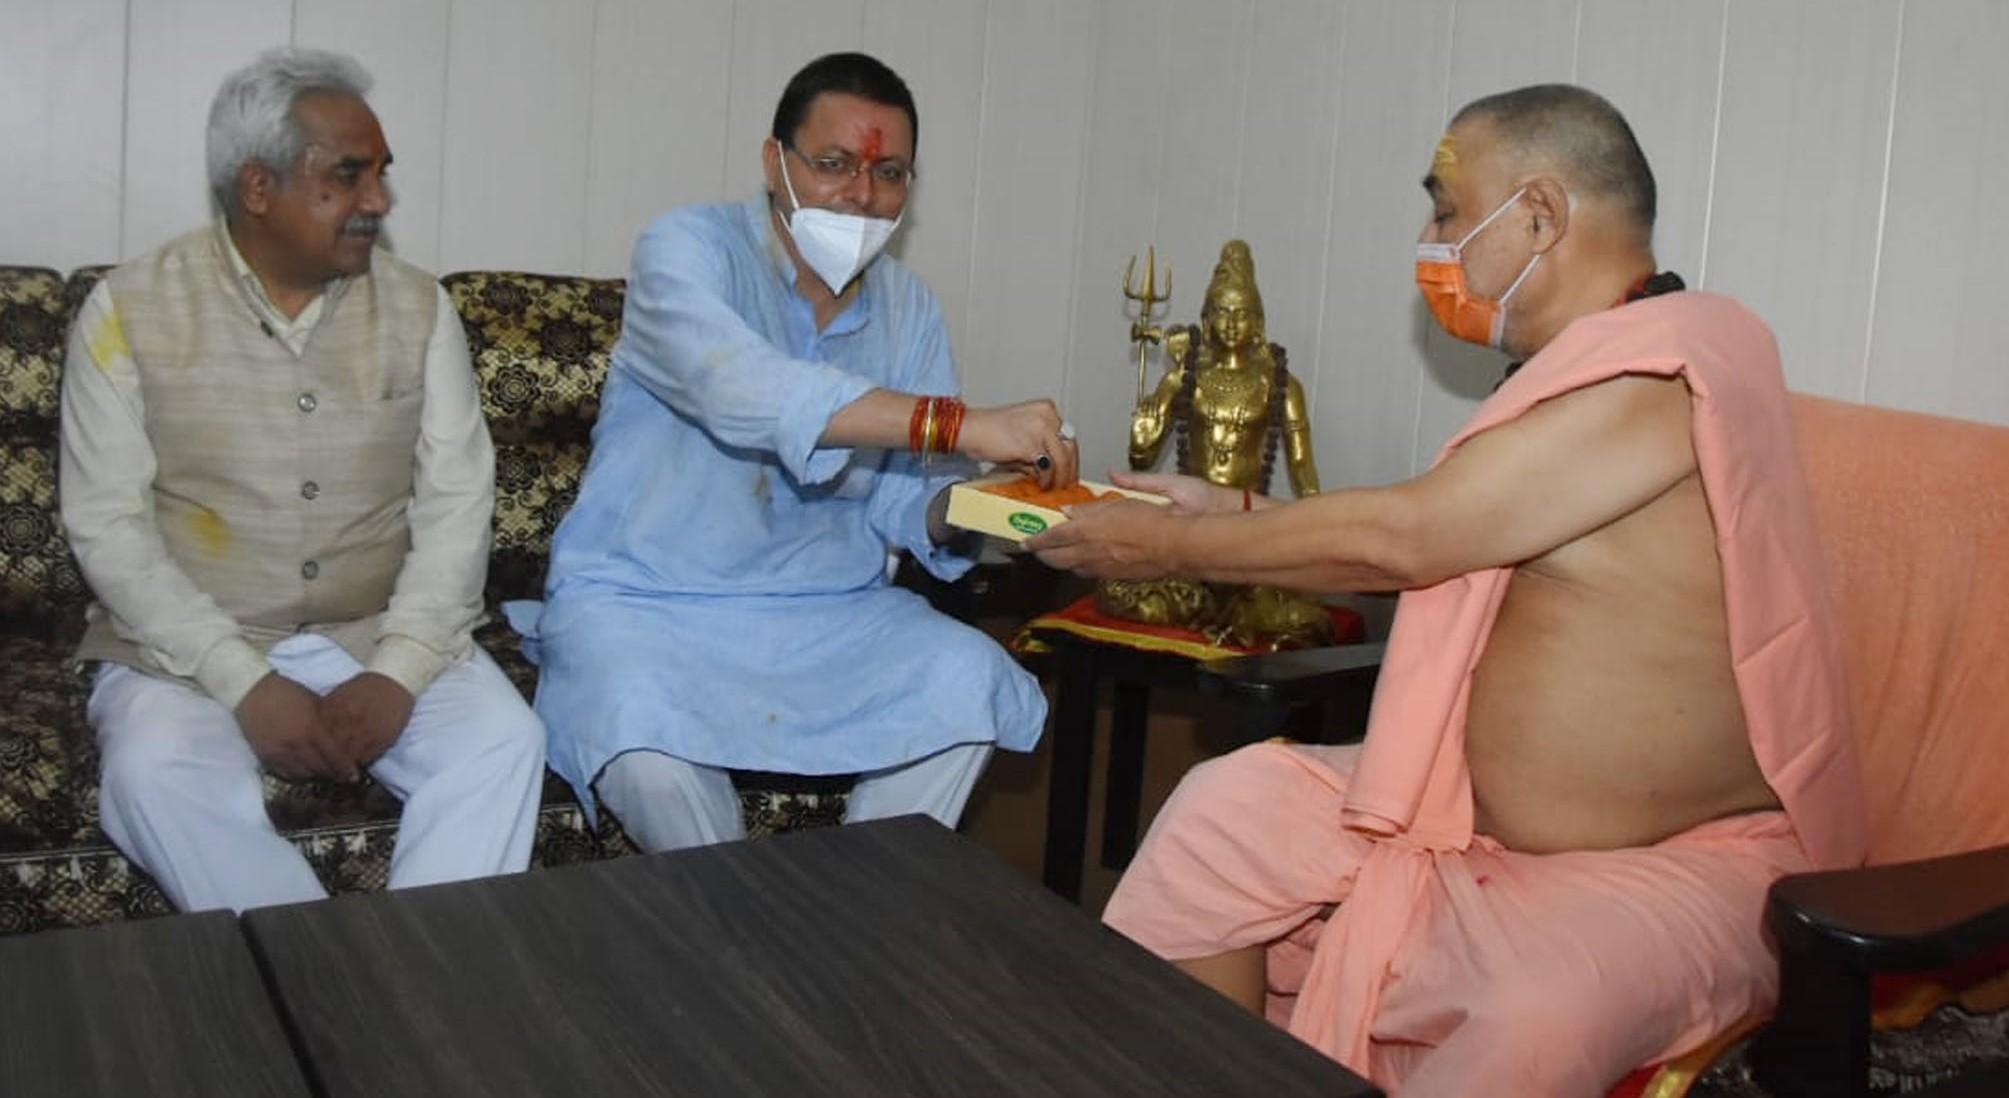 हरिद्वार दौरे पर मुख्यमंत्री पुष्कर धामी ने महन्त रविन्द्र पुरी,दक्षिण काली पीठ के आचार्य महामण्डलेश